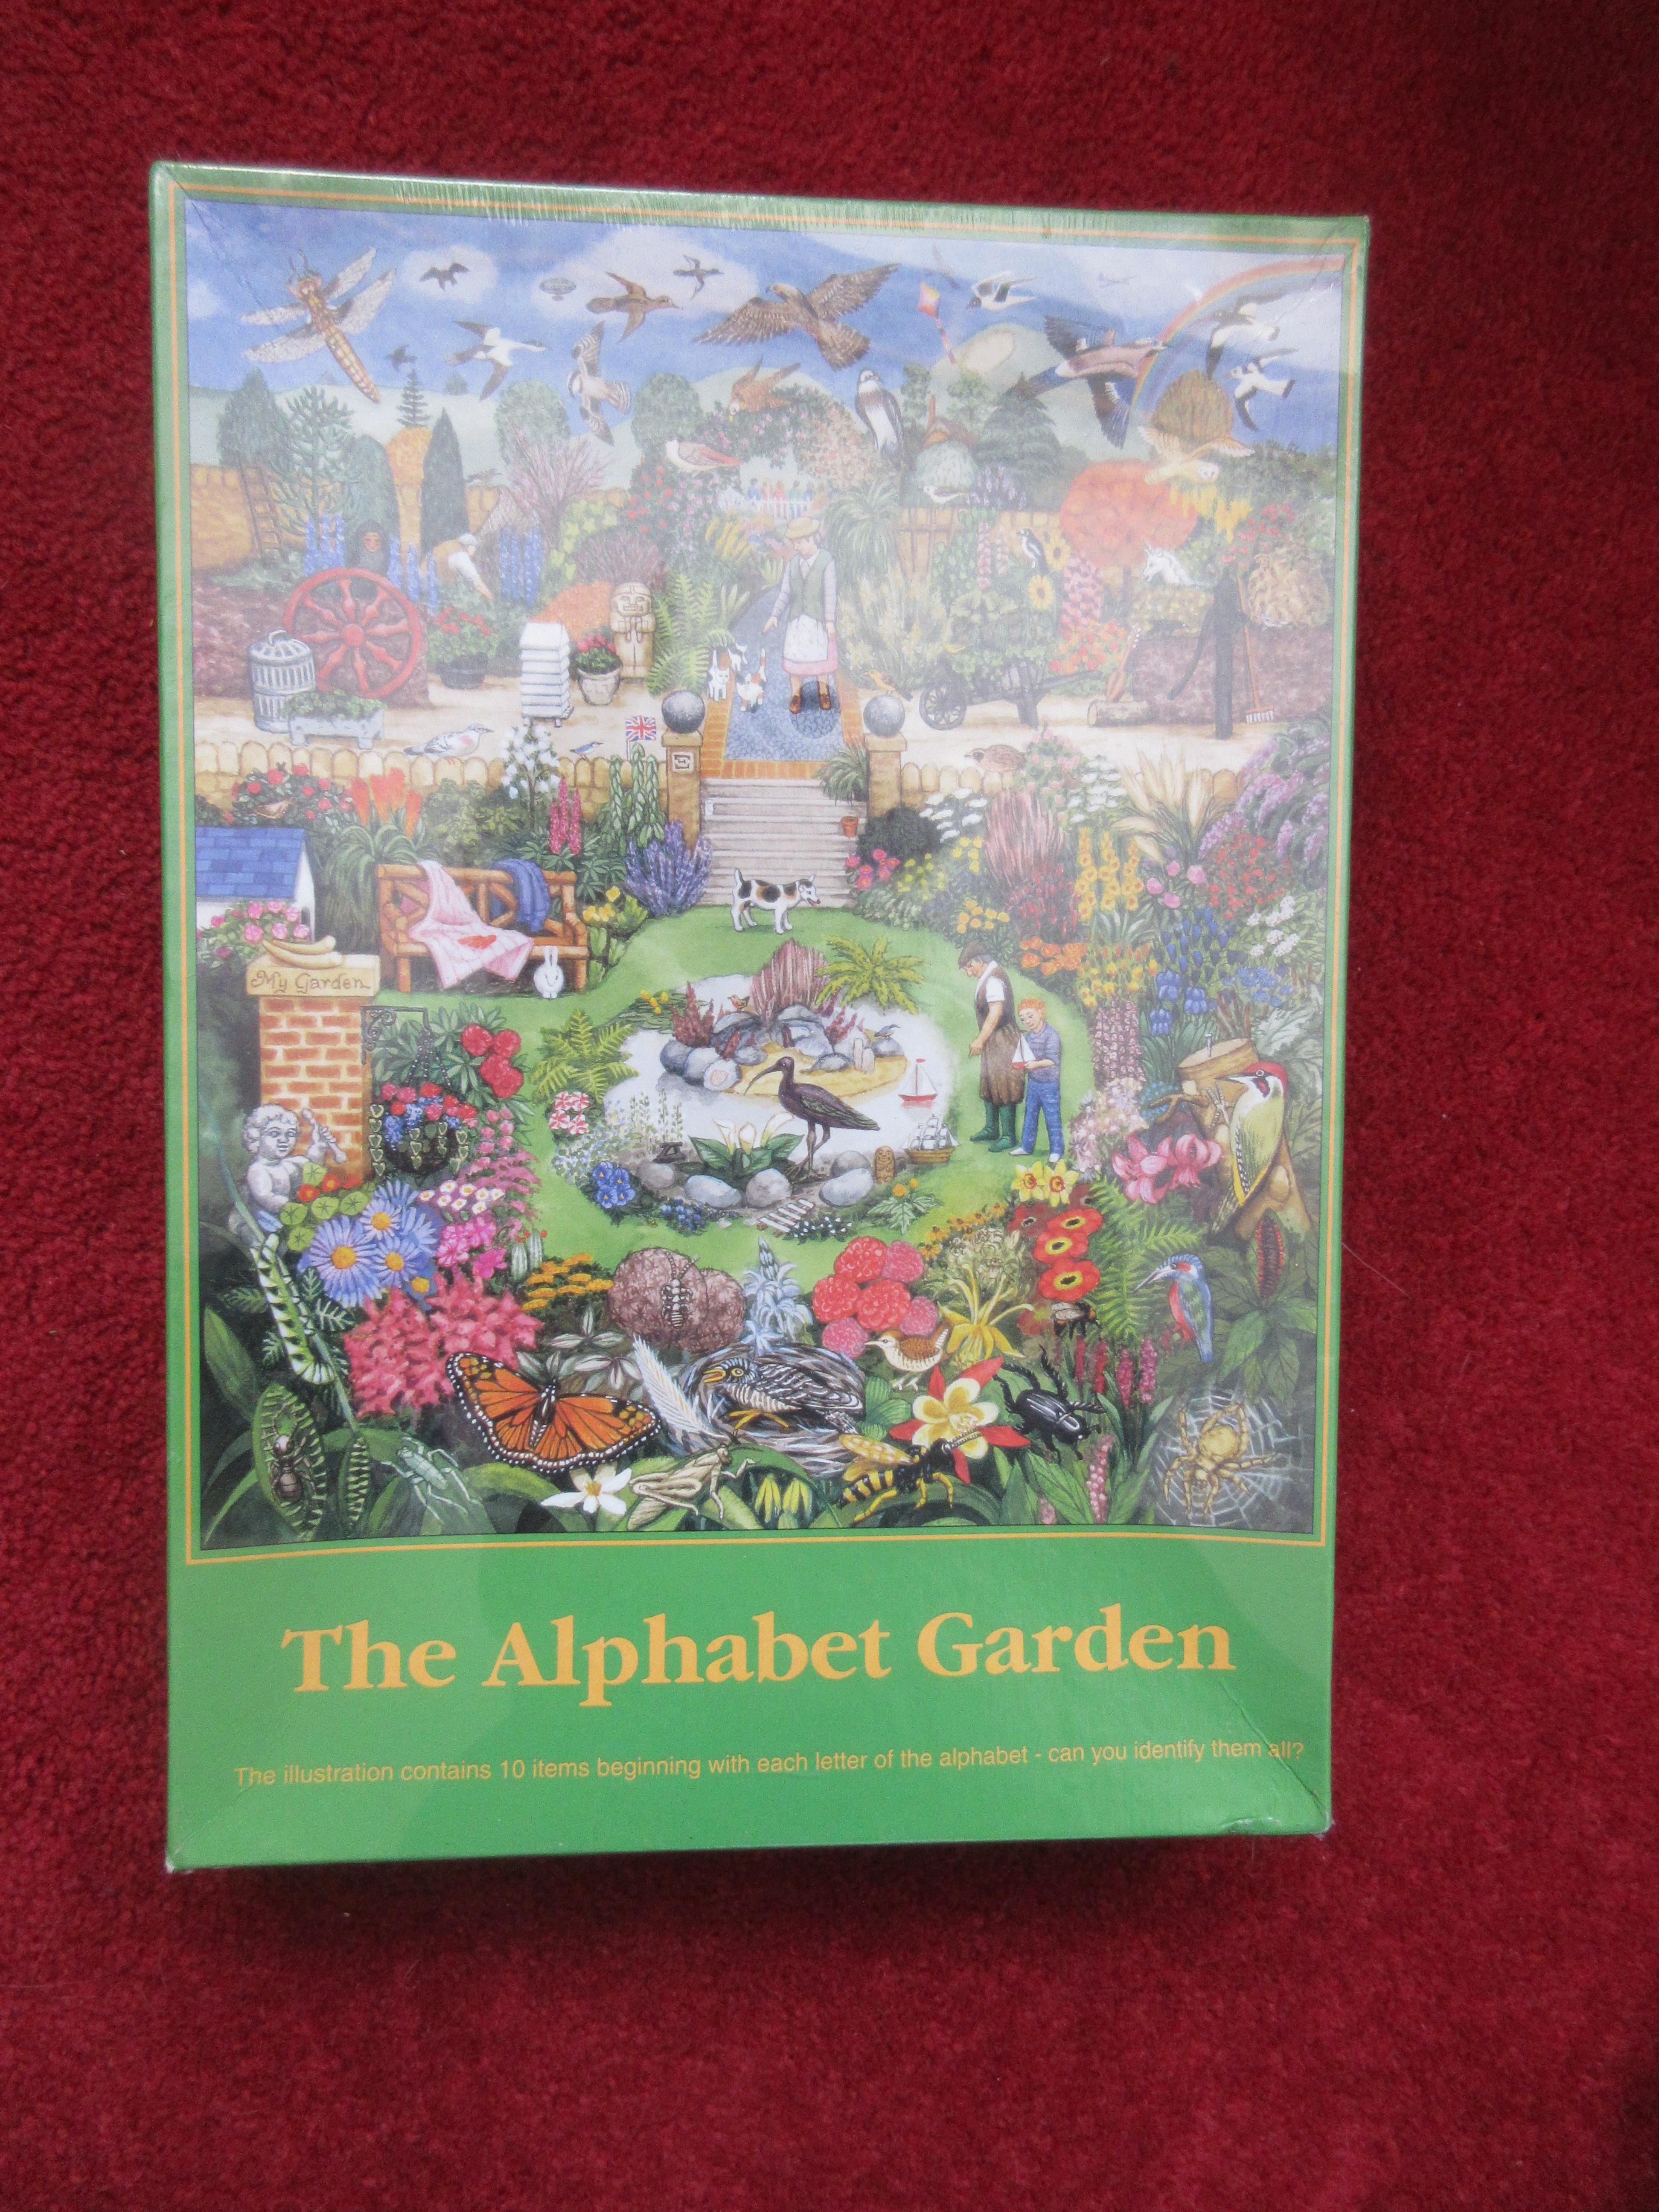 The Alphabet Garden - photo by Juliamaud